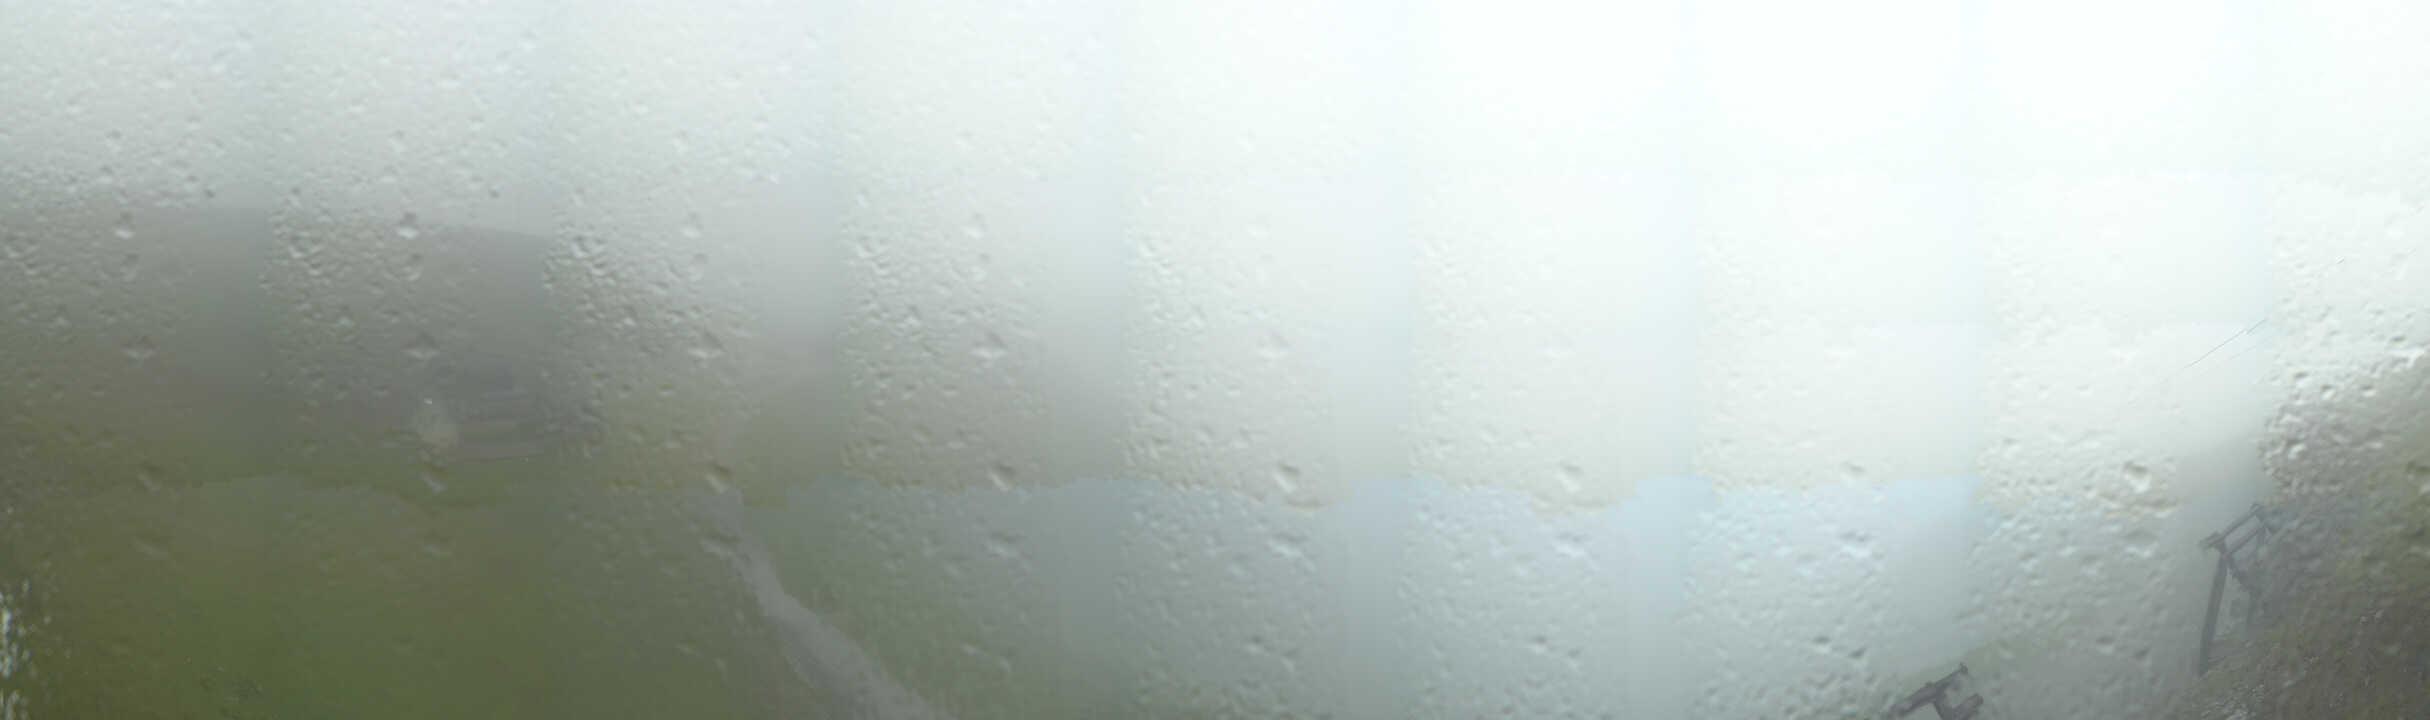 Blick auf das Resturant Seegrube 1905 m, Bergstation Seegrubenbahn und Talstation der Hafeleskarbahn (eine der steilsten Abfahrten Europas - 70°)